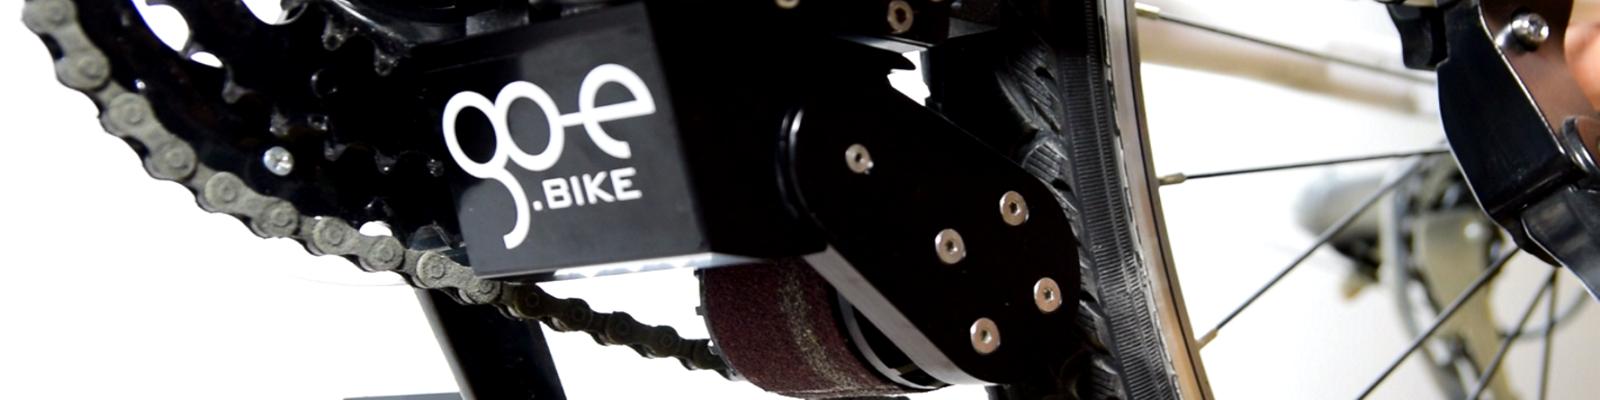 Electrify your bike living plugin for Go e bike motor